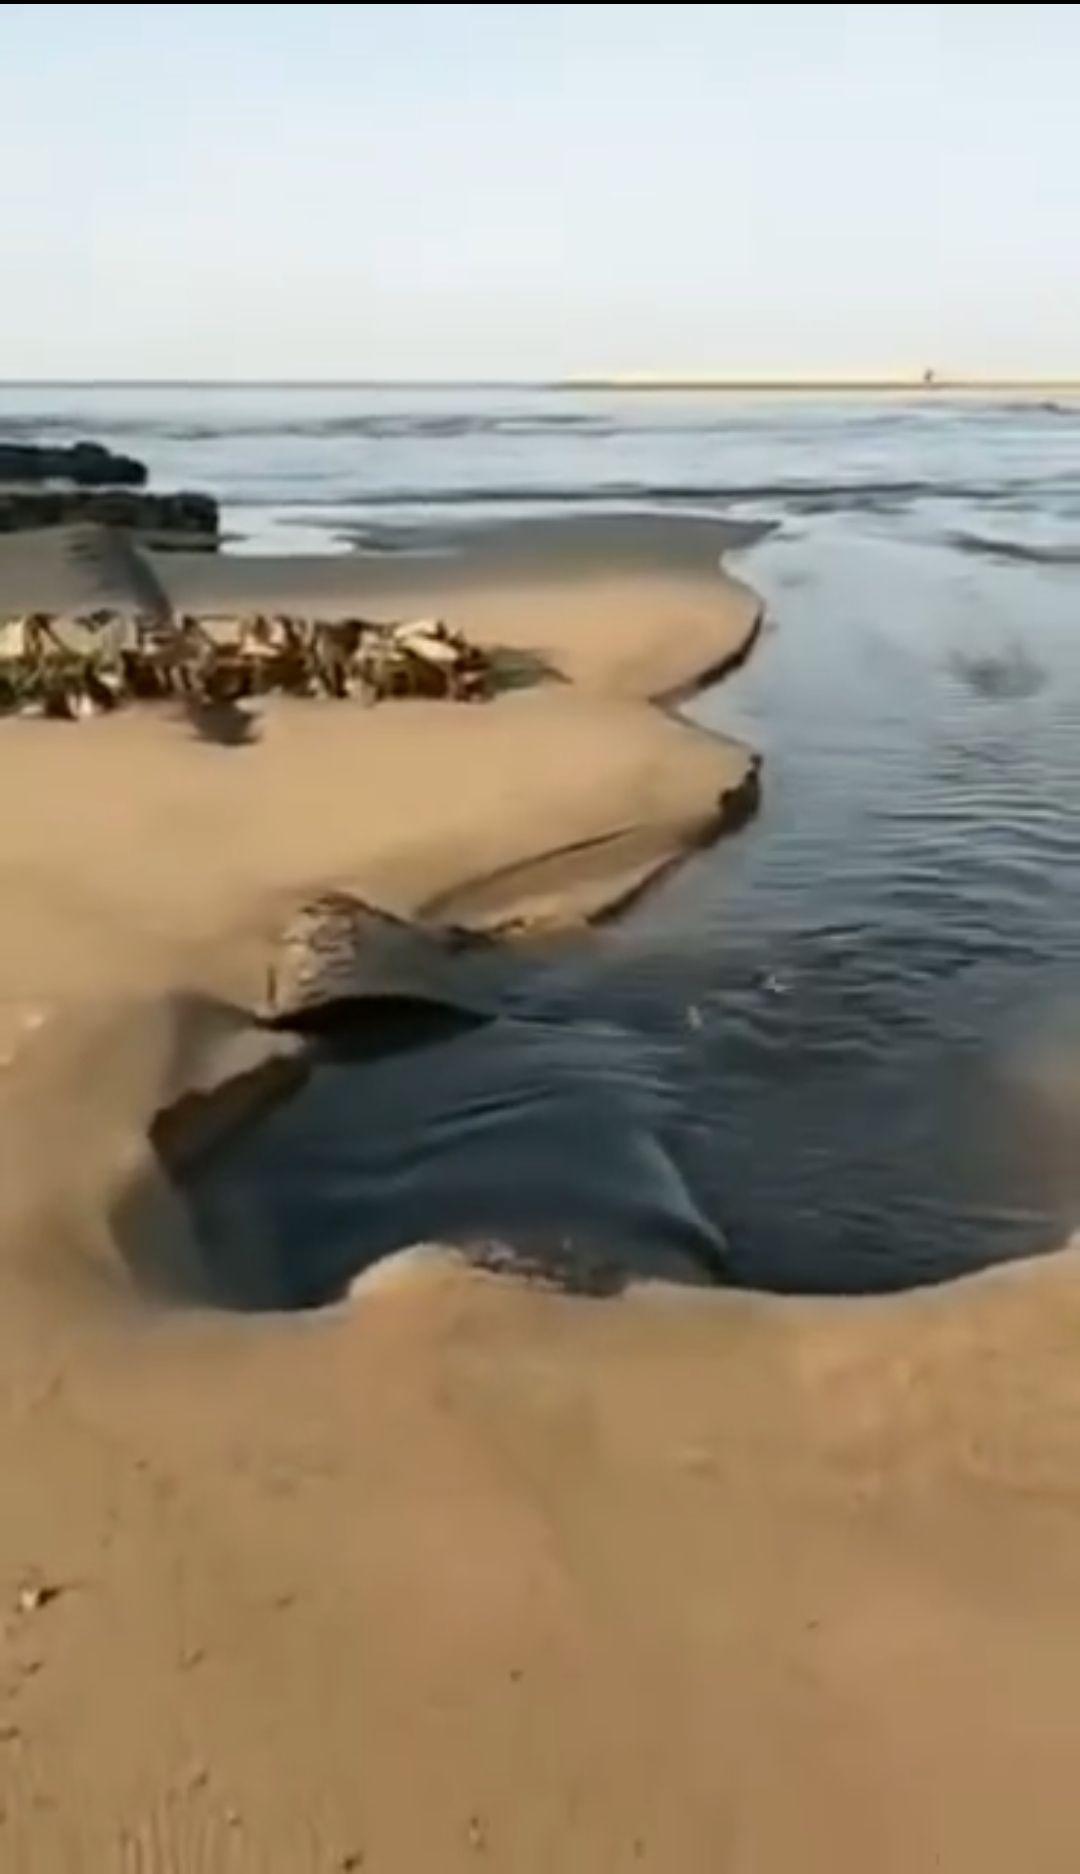 山東龍口污水直排大海 官方:廢